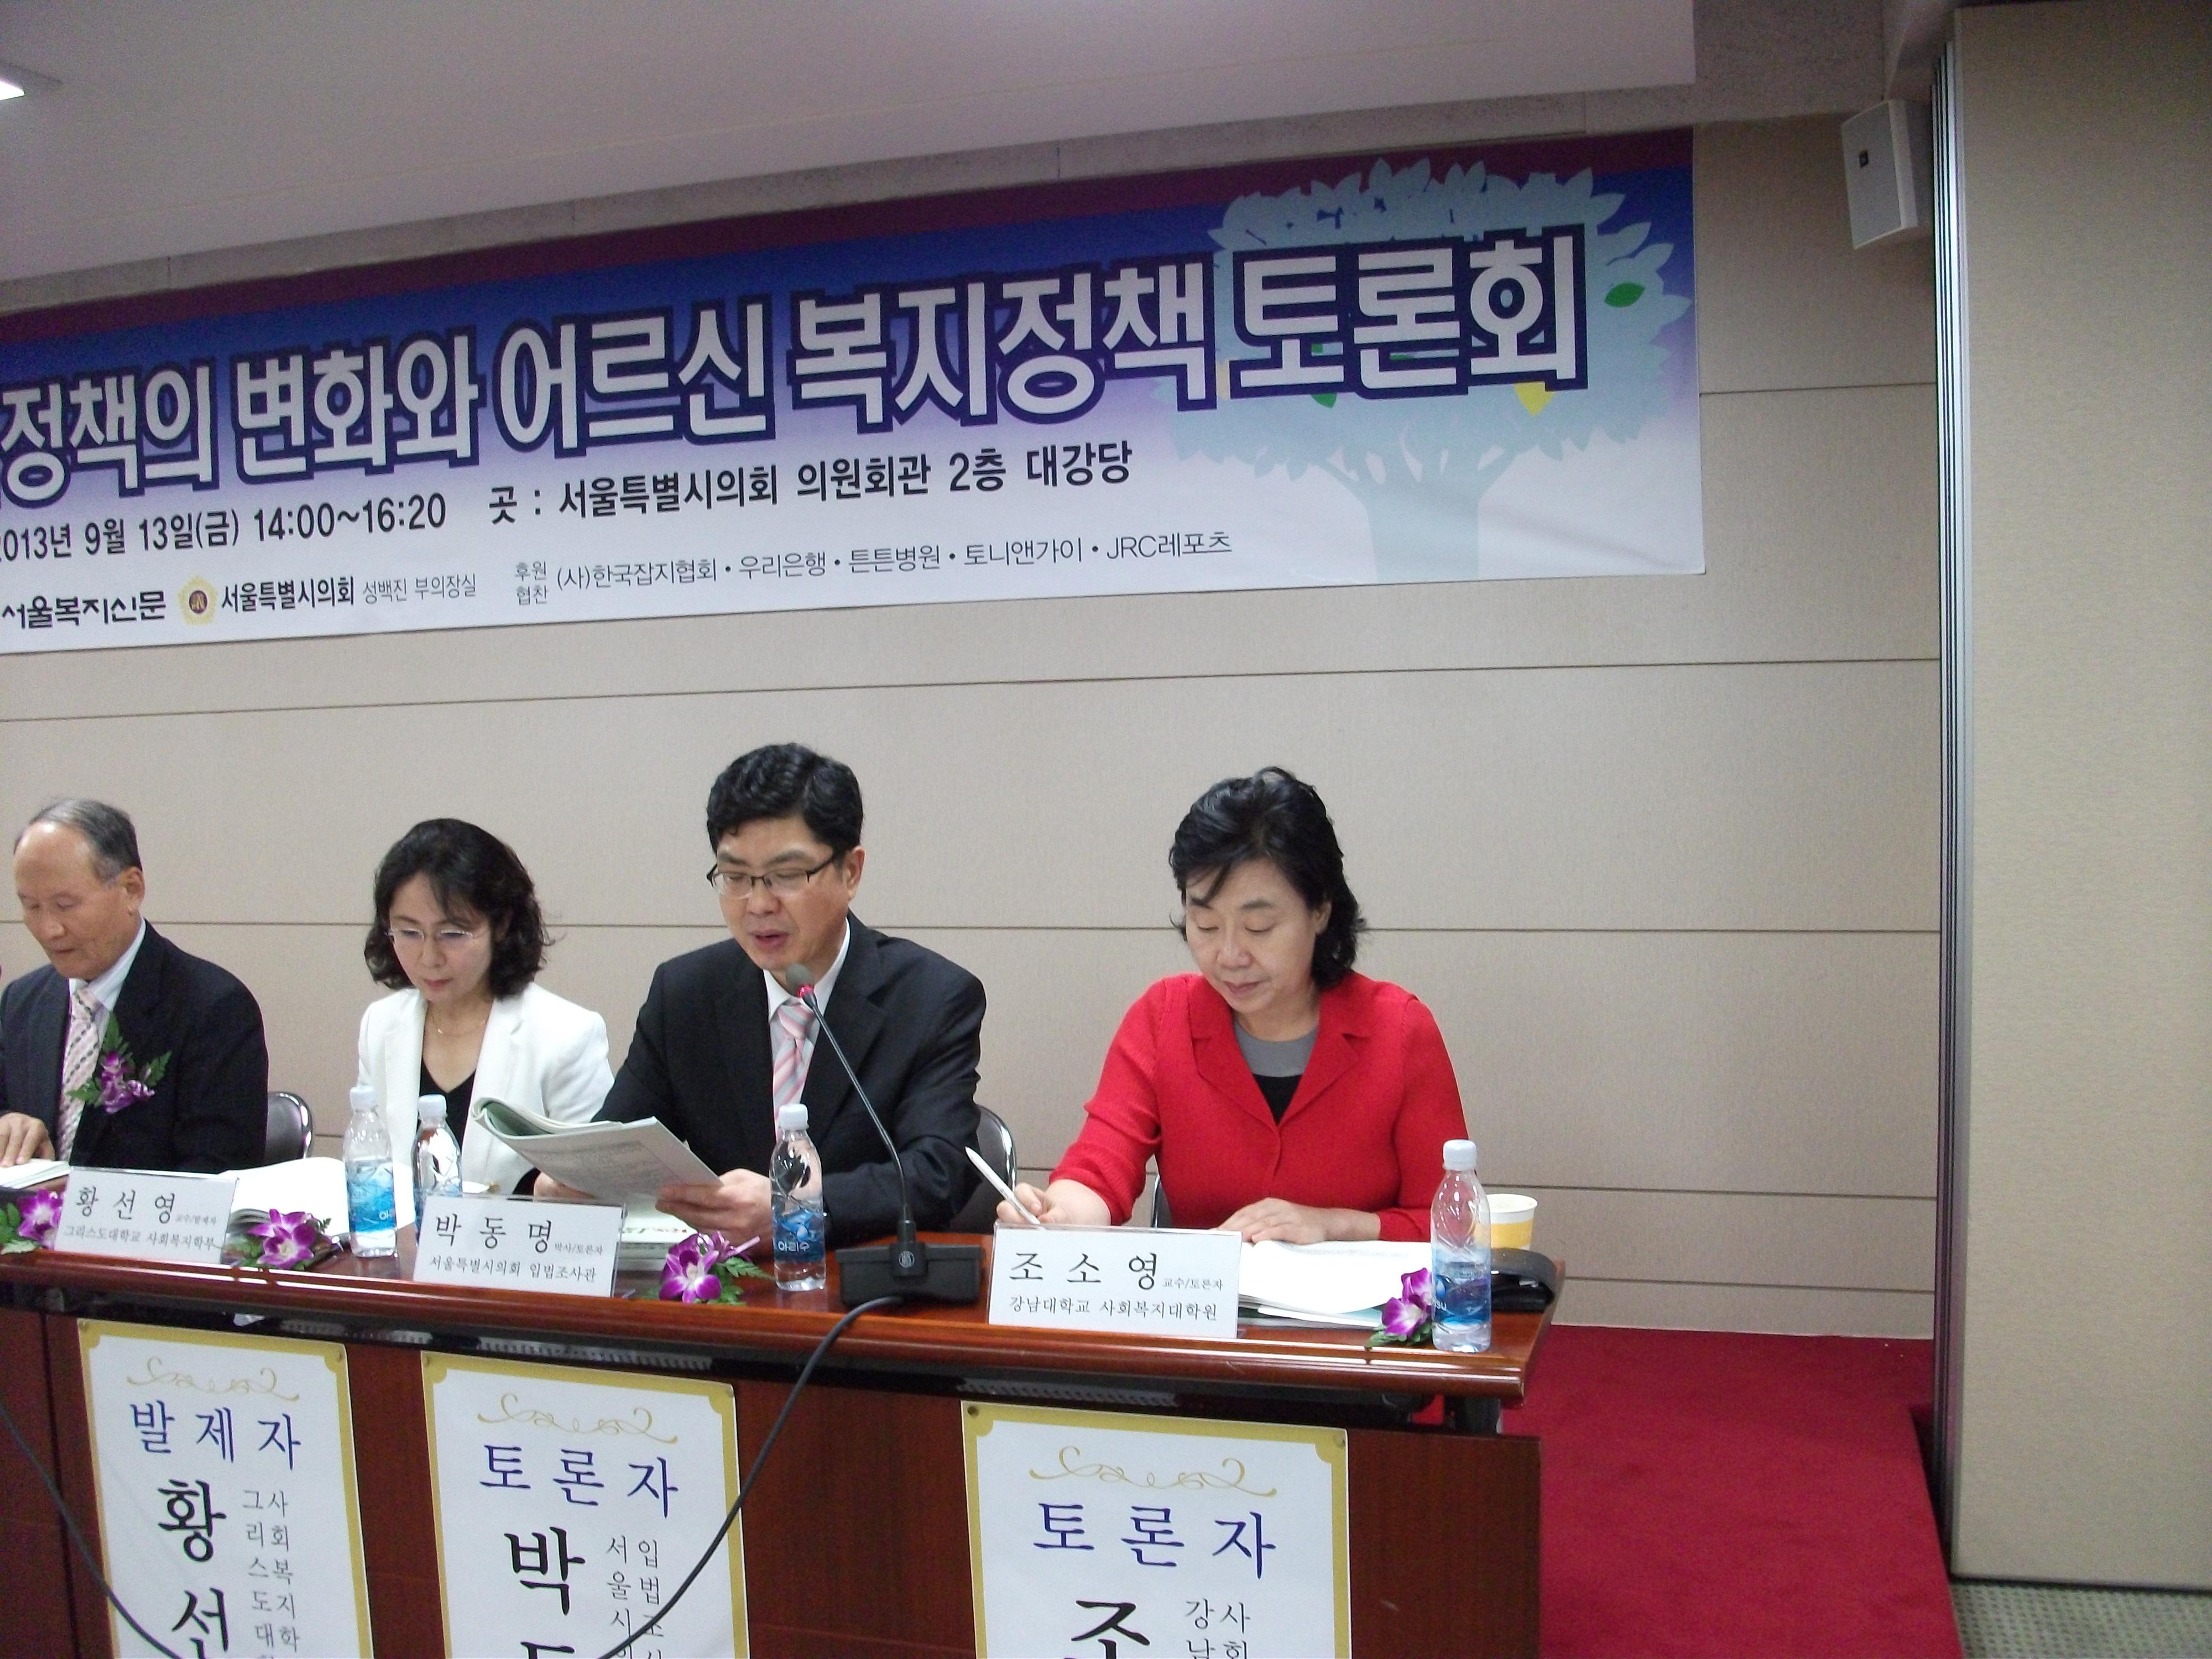 각종 정책토론회 참여